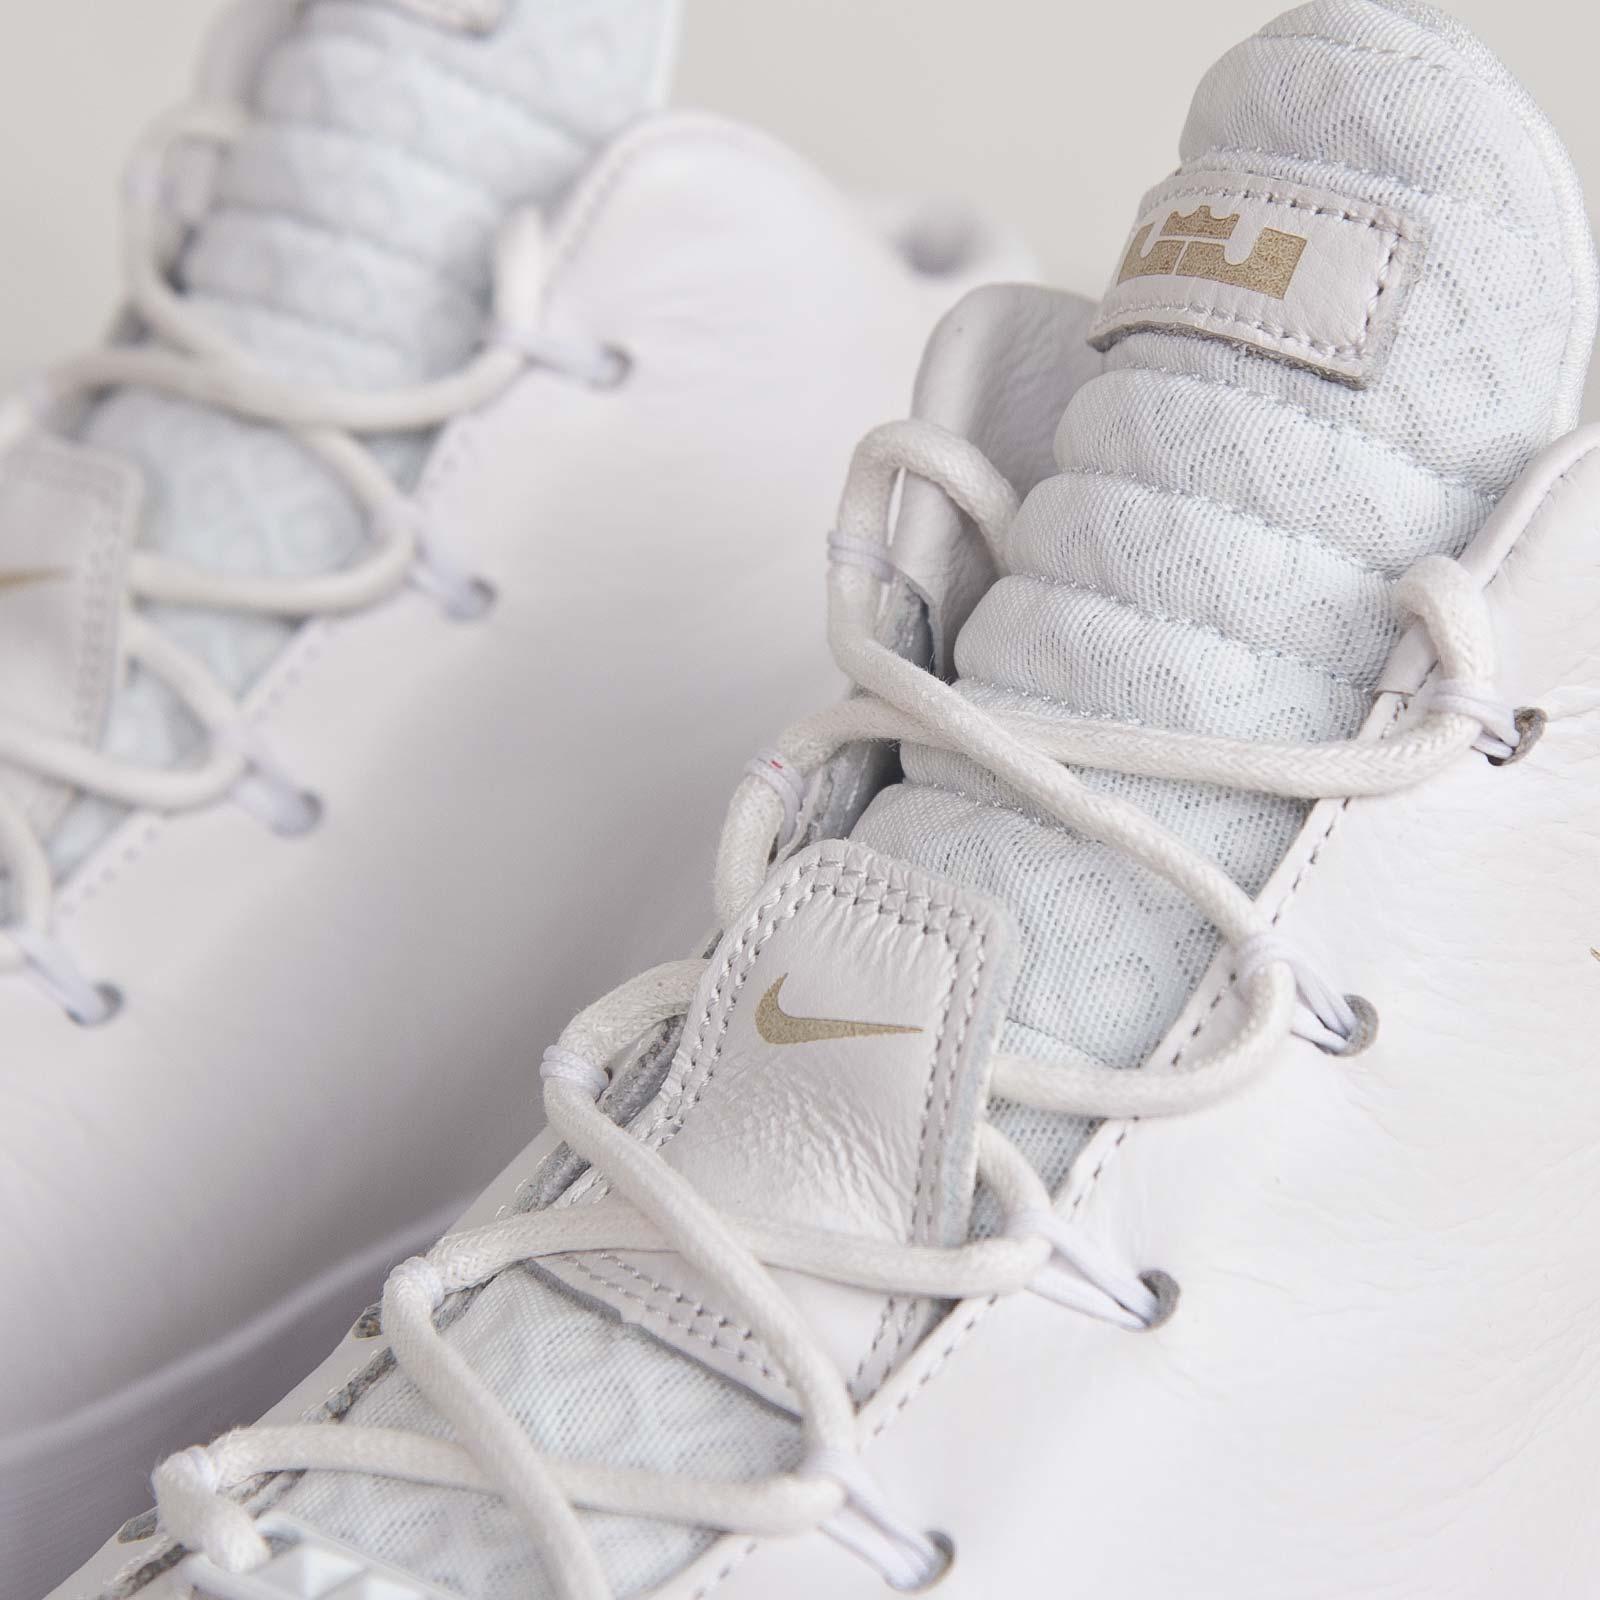 86061233f8f inexpensive nike lebron xii lifestyle white white d332a c7377